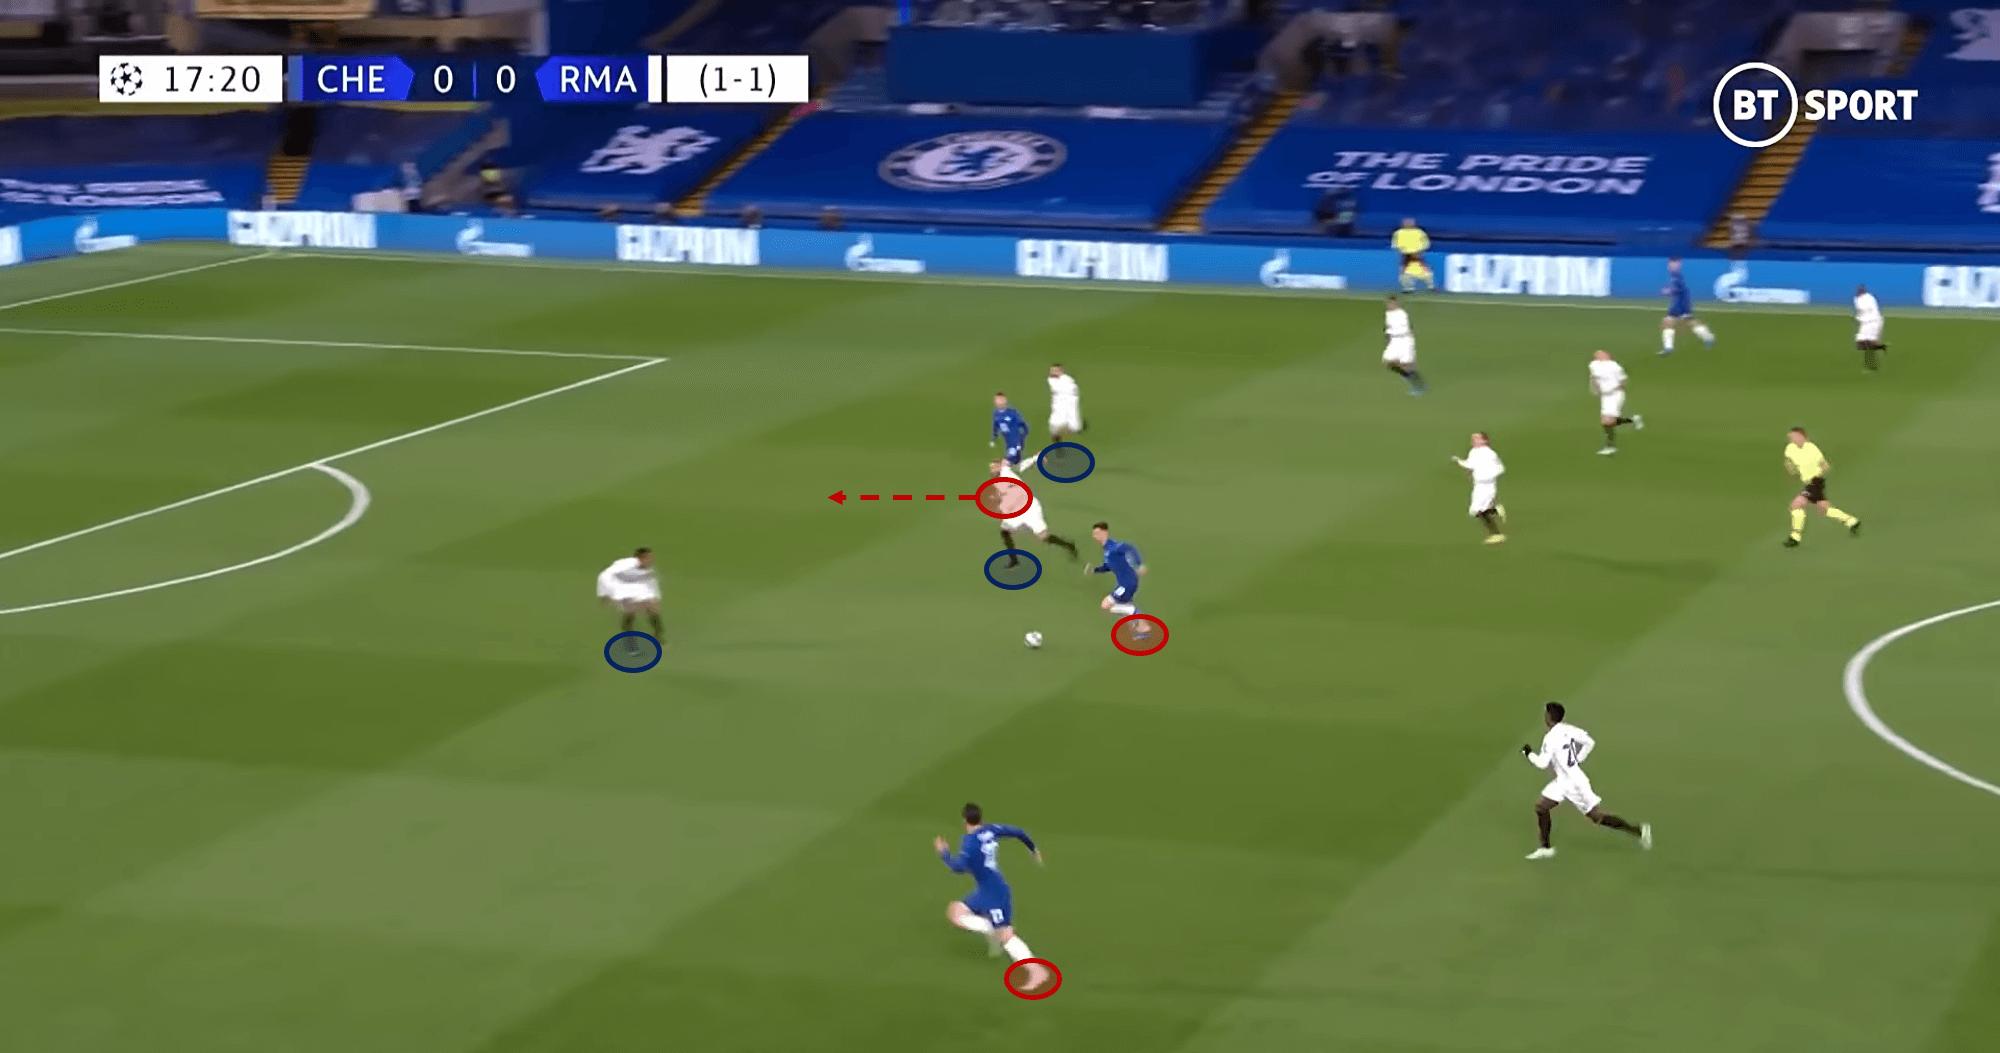 Premier League 2020/21: Man City vs Chelsea - tactical analysis tactics